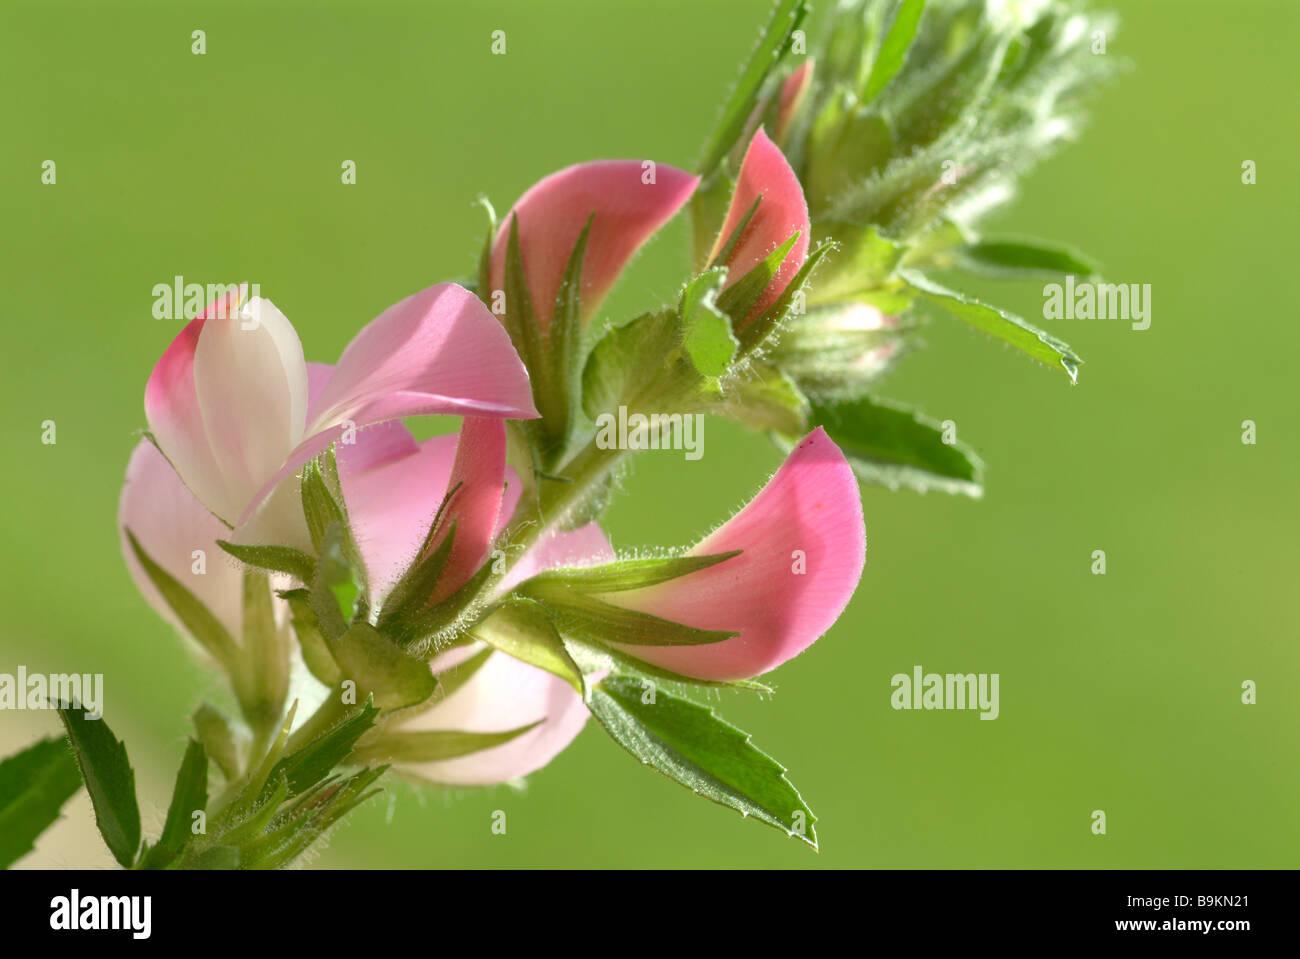 Cammock plantes médicinales sol herse Ononis spinosa furze reste Photo Stock